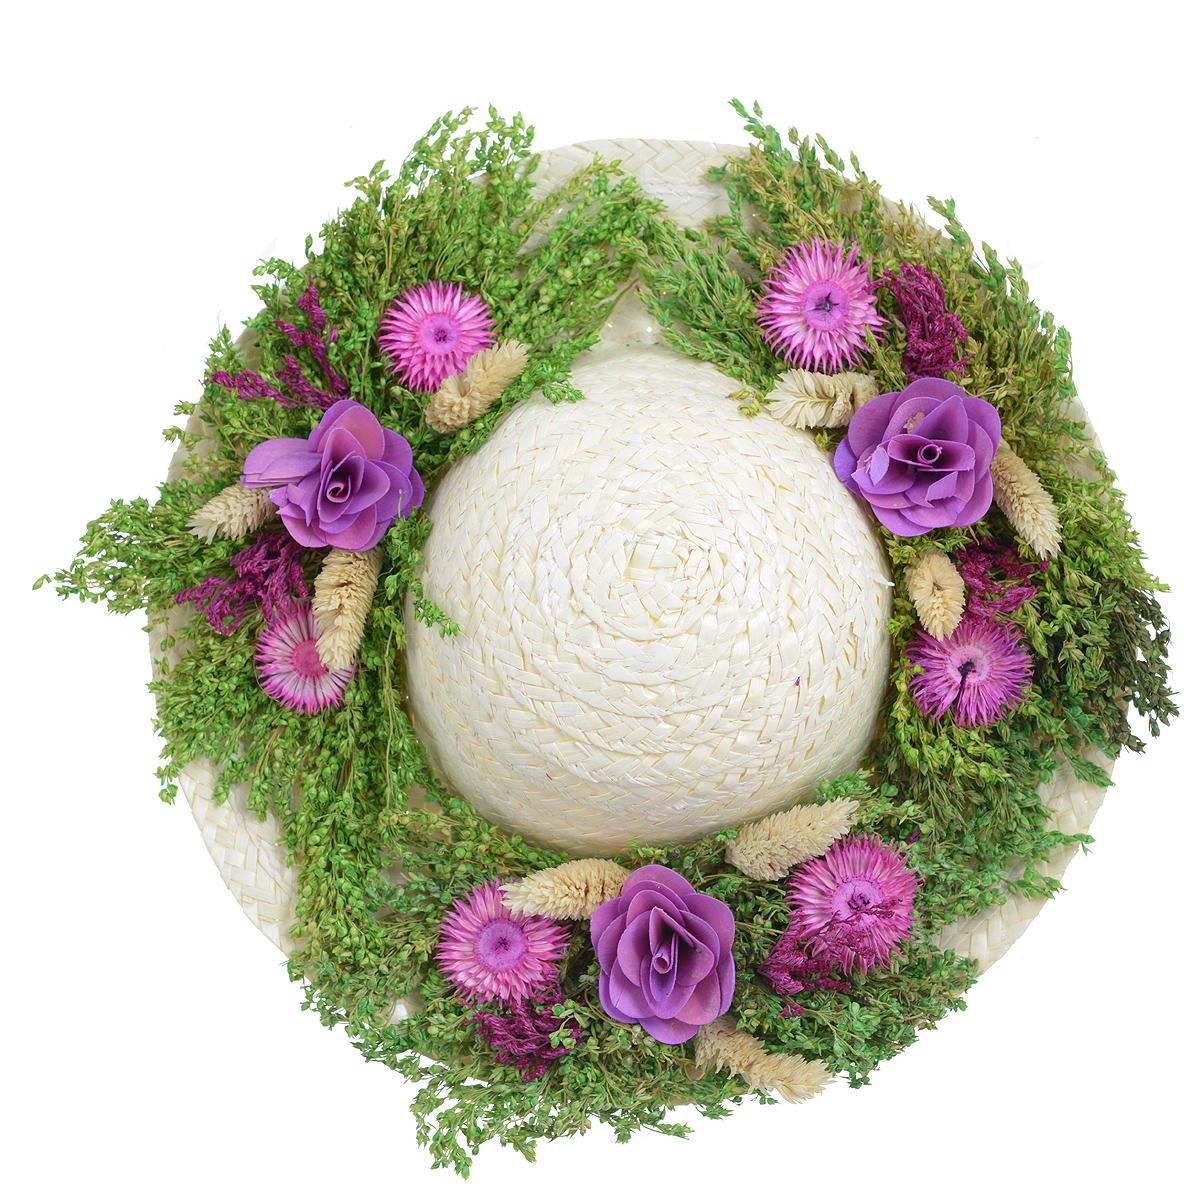 Декоративное настенное украшение Lillo Шляпа. 29 х 29 х 7,5 смED602Декоративное подвесное украшение Lillo Шляпа выполнено из натуральной соломы и украшено сухоцветами. Такая шляпа станет изящным элементом декора в вашем доме. С задней стороны расположена петелька для подвешивания. Такое украшение не только подчеркнет ваш изысканный вкус, но и прекрасным подарком, который обязательно порадует получателя.Диаметр шляпы: 29 см.